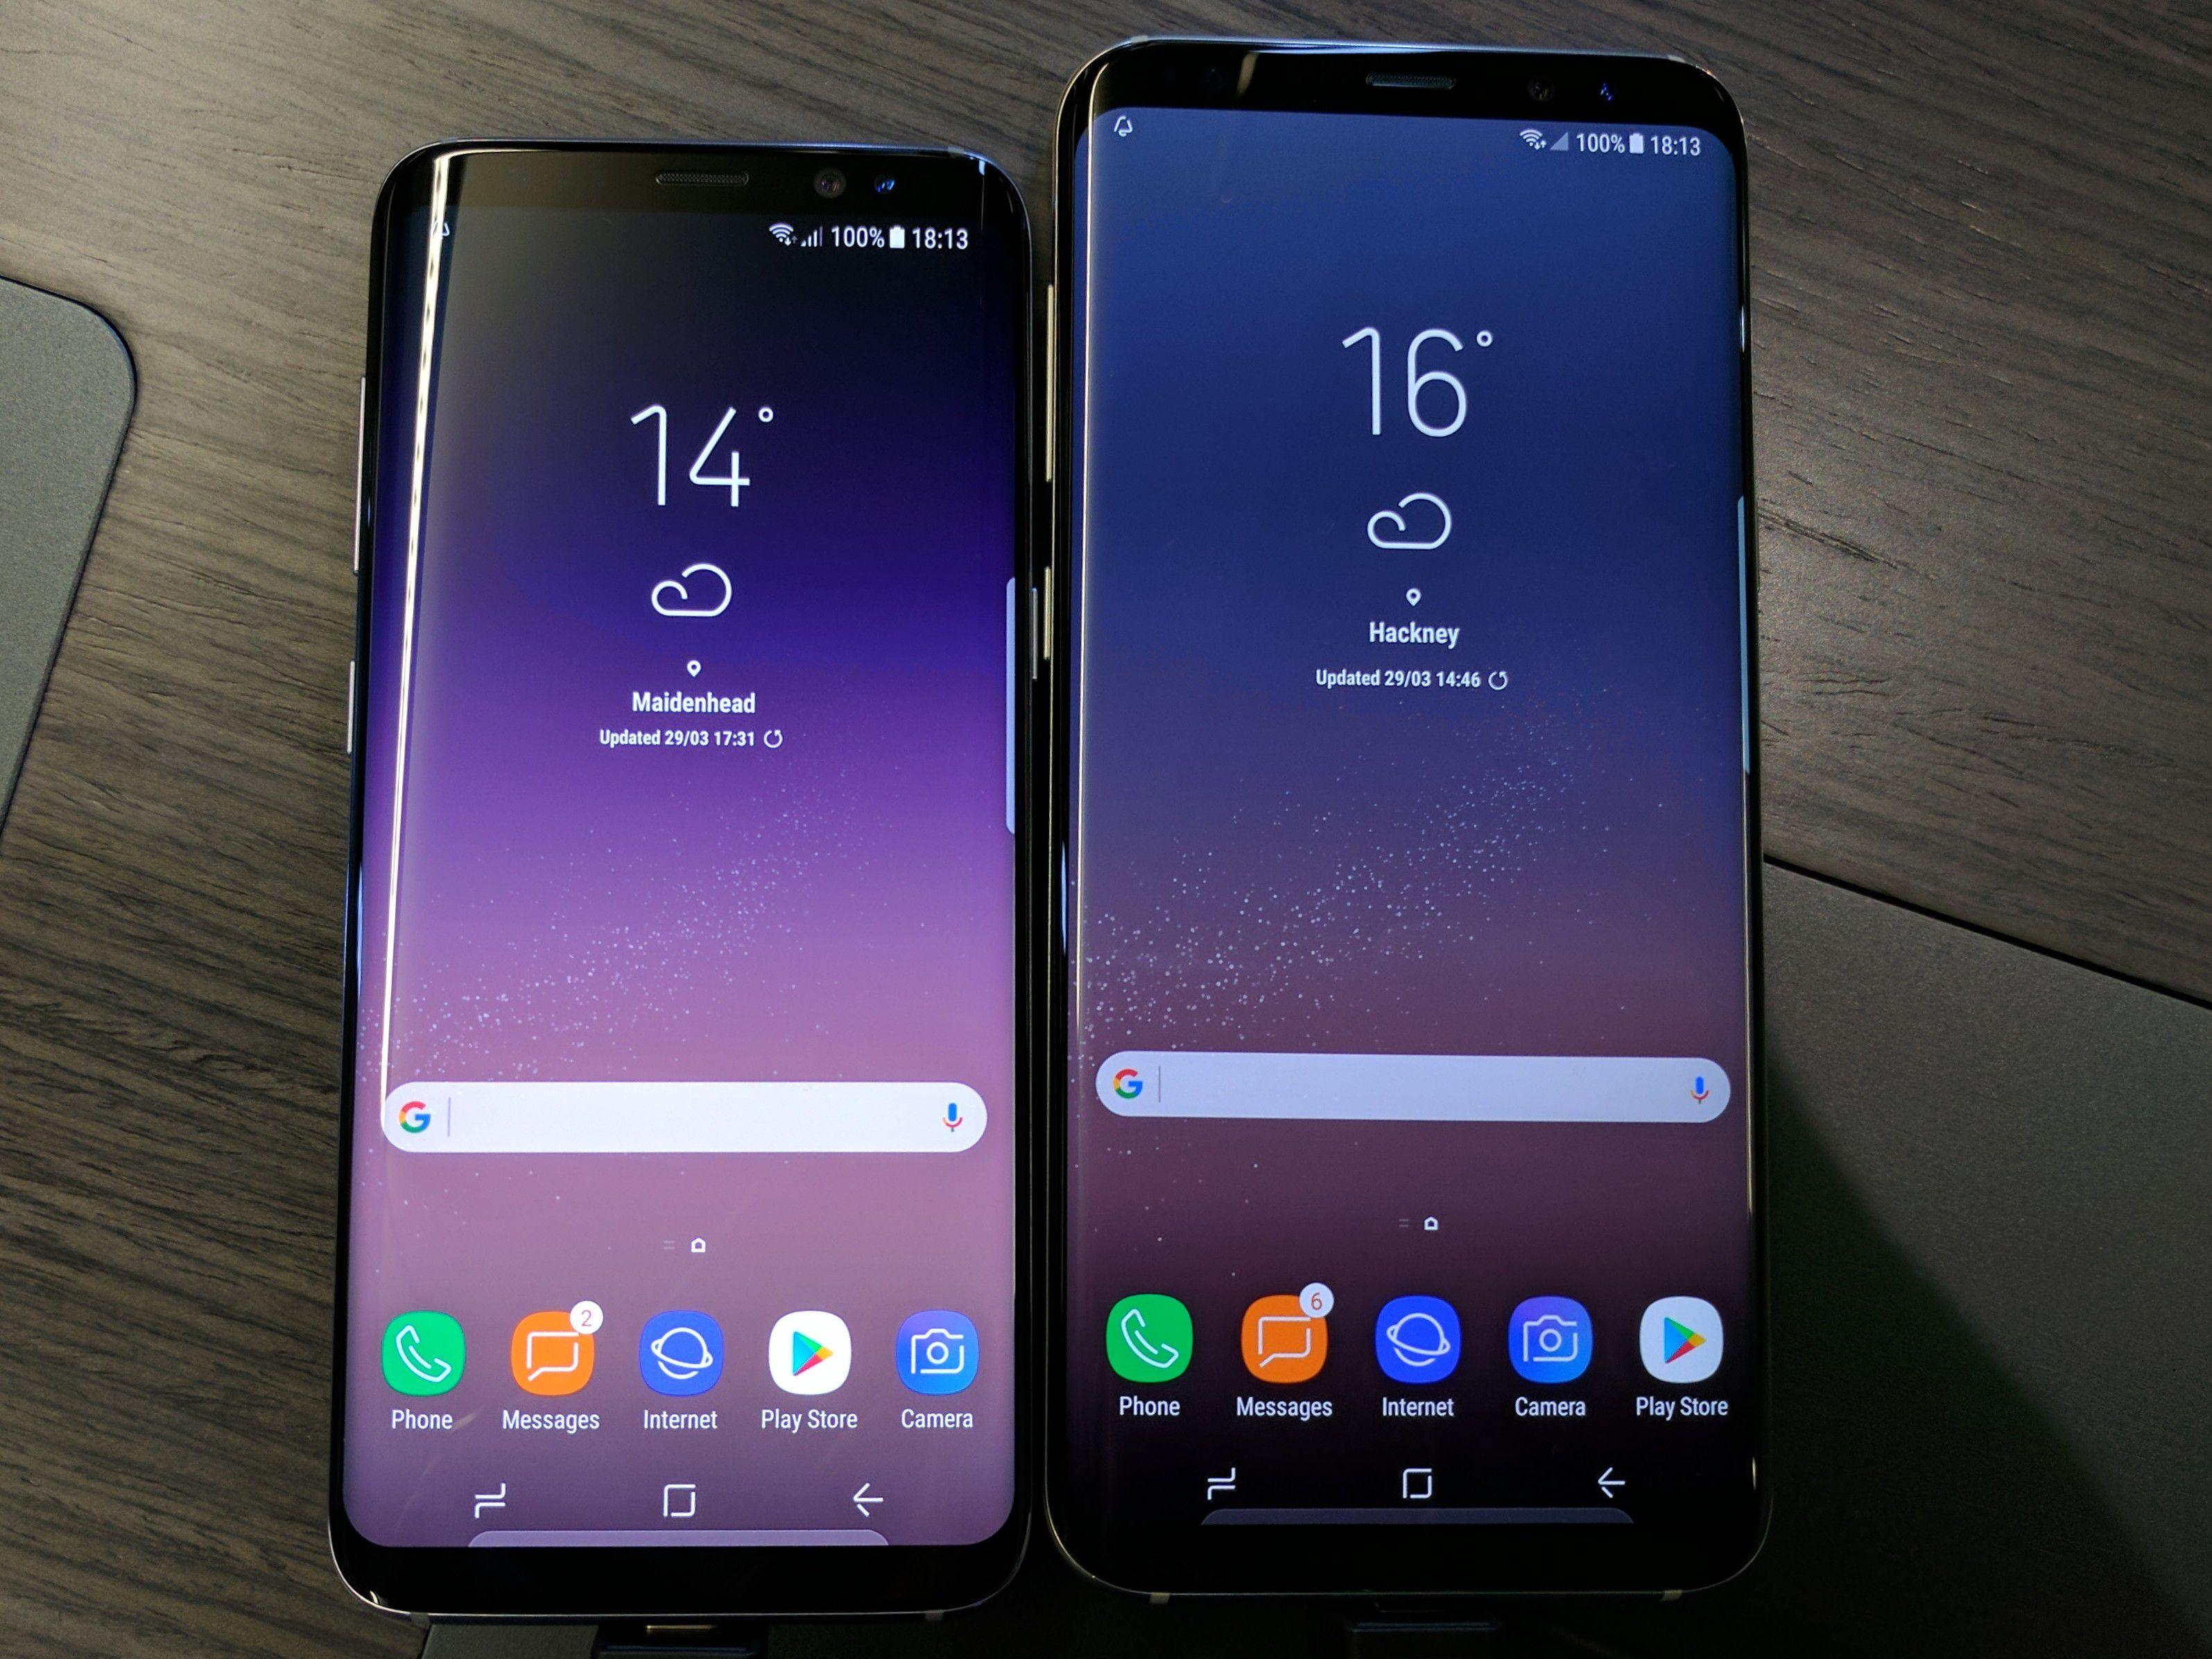 I migliori smartphone android top di gamma di maggio 2017 for Smartphone migliore fotocamera 2017